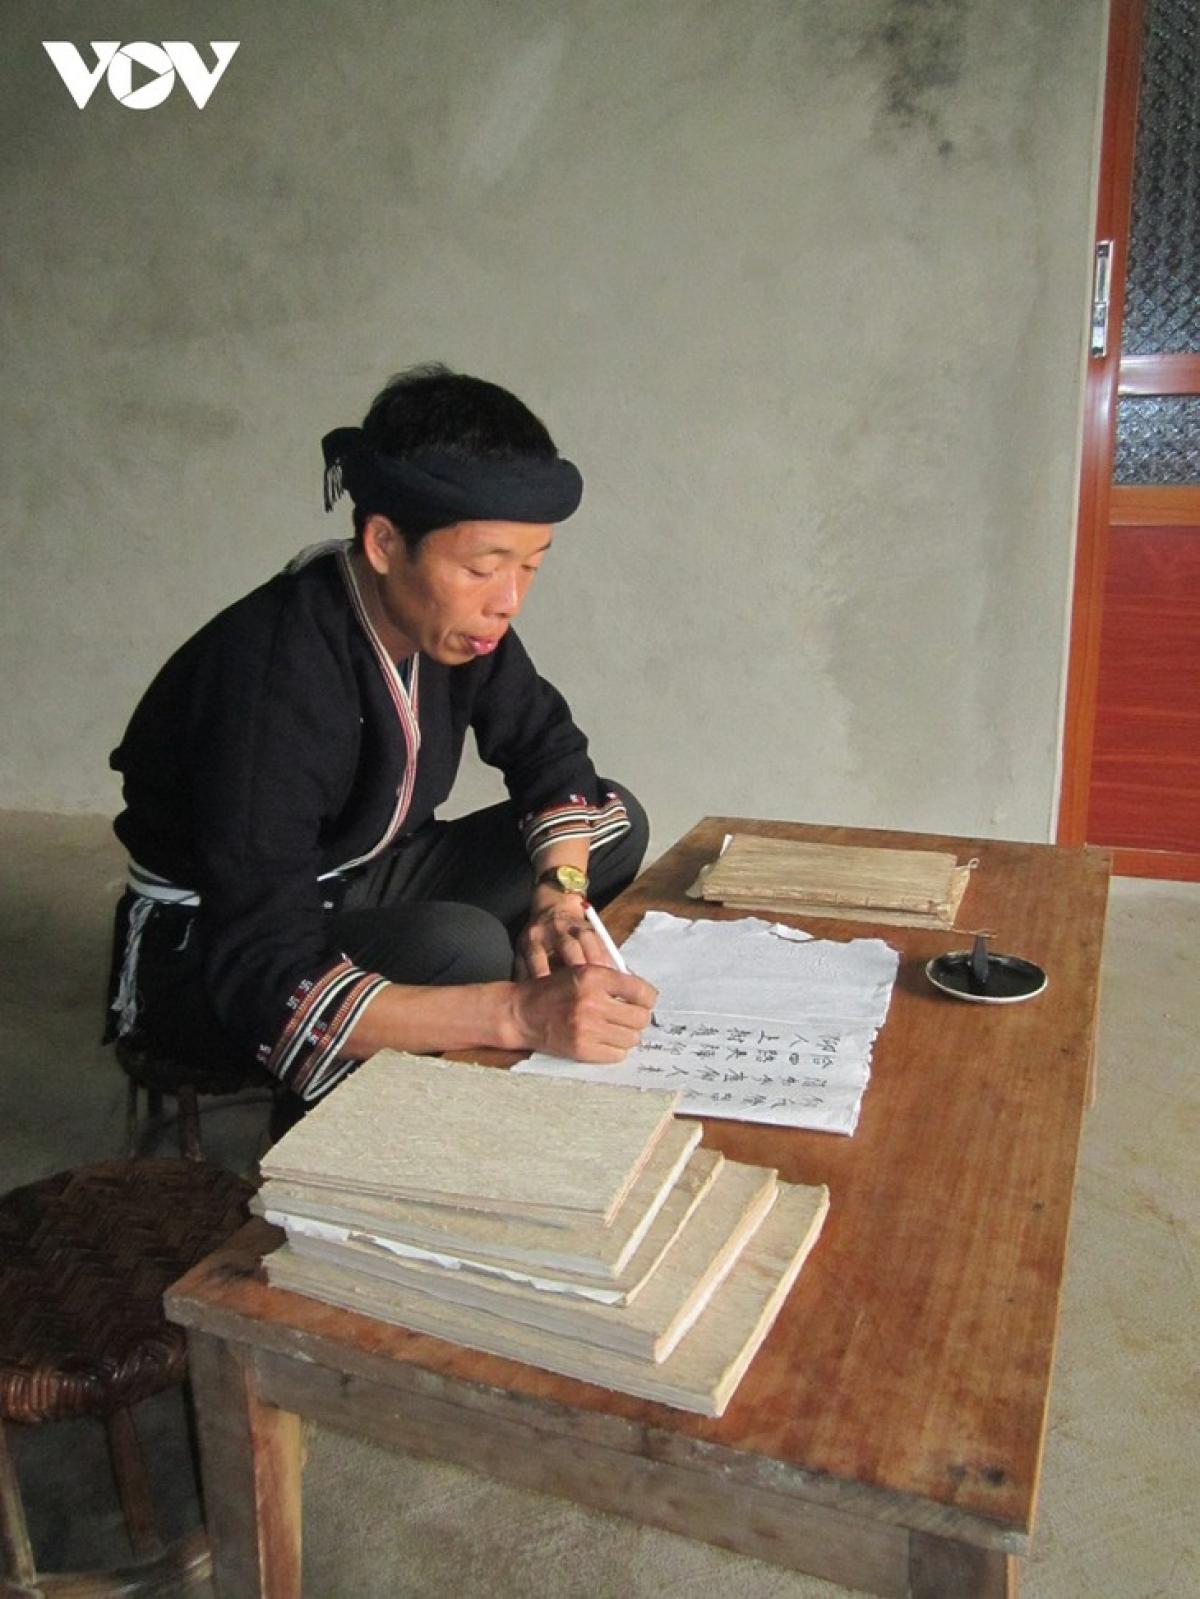 Ban Van Duc studiesDaoancient books.